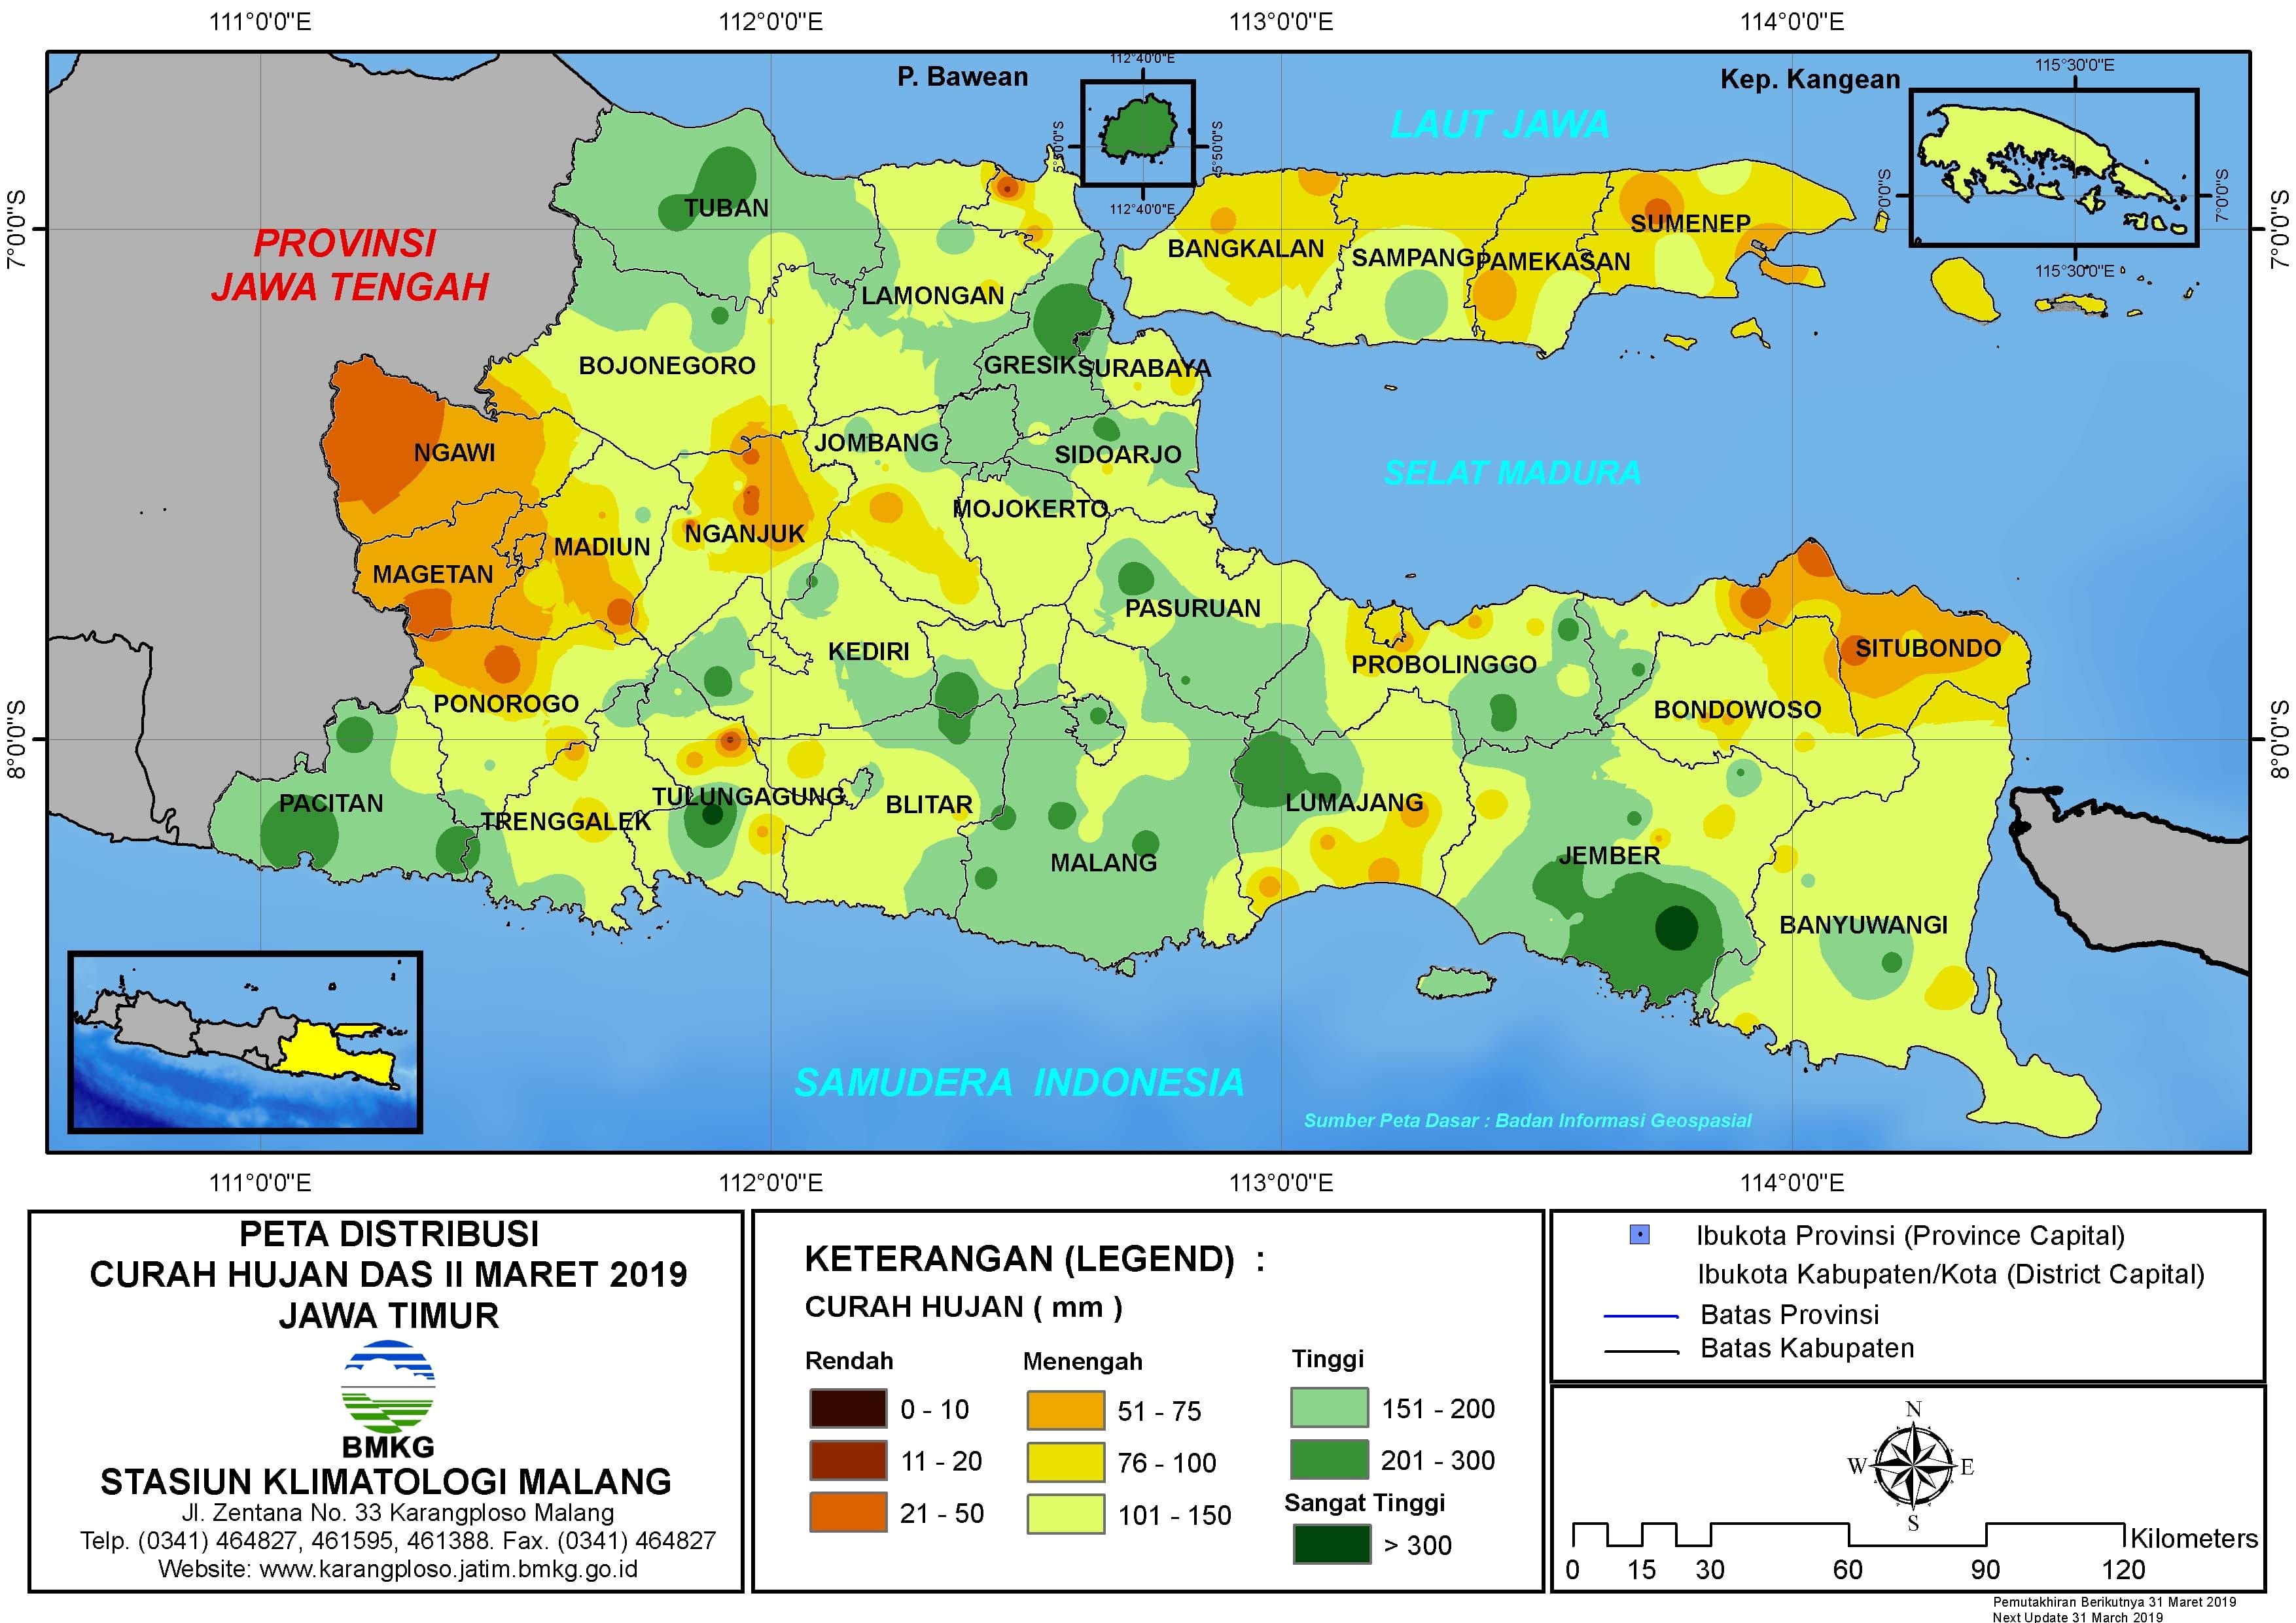 Peta Analisis Distribusi Curah Hujan Dasarian II Maret 2019 di Provinsi Jawa Timur